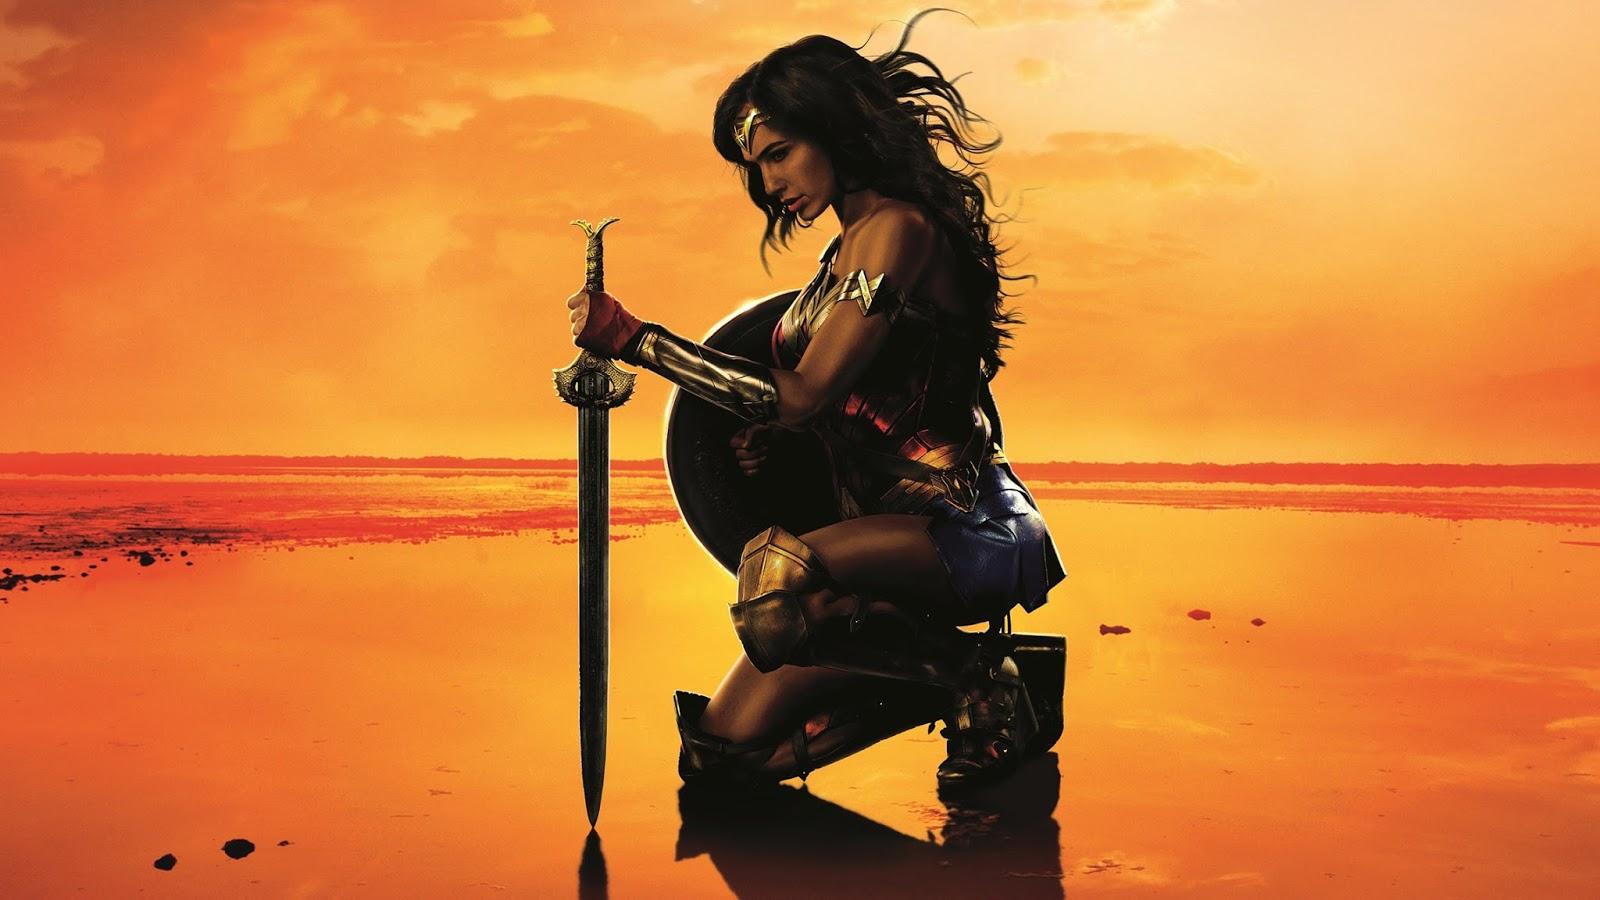 Wonder Woman Hd Wallpaper Gal Gadot Hot Wallpaper